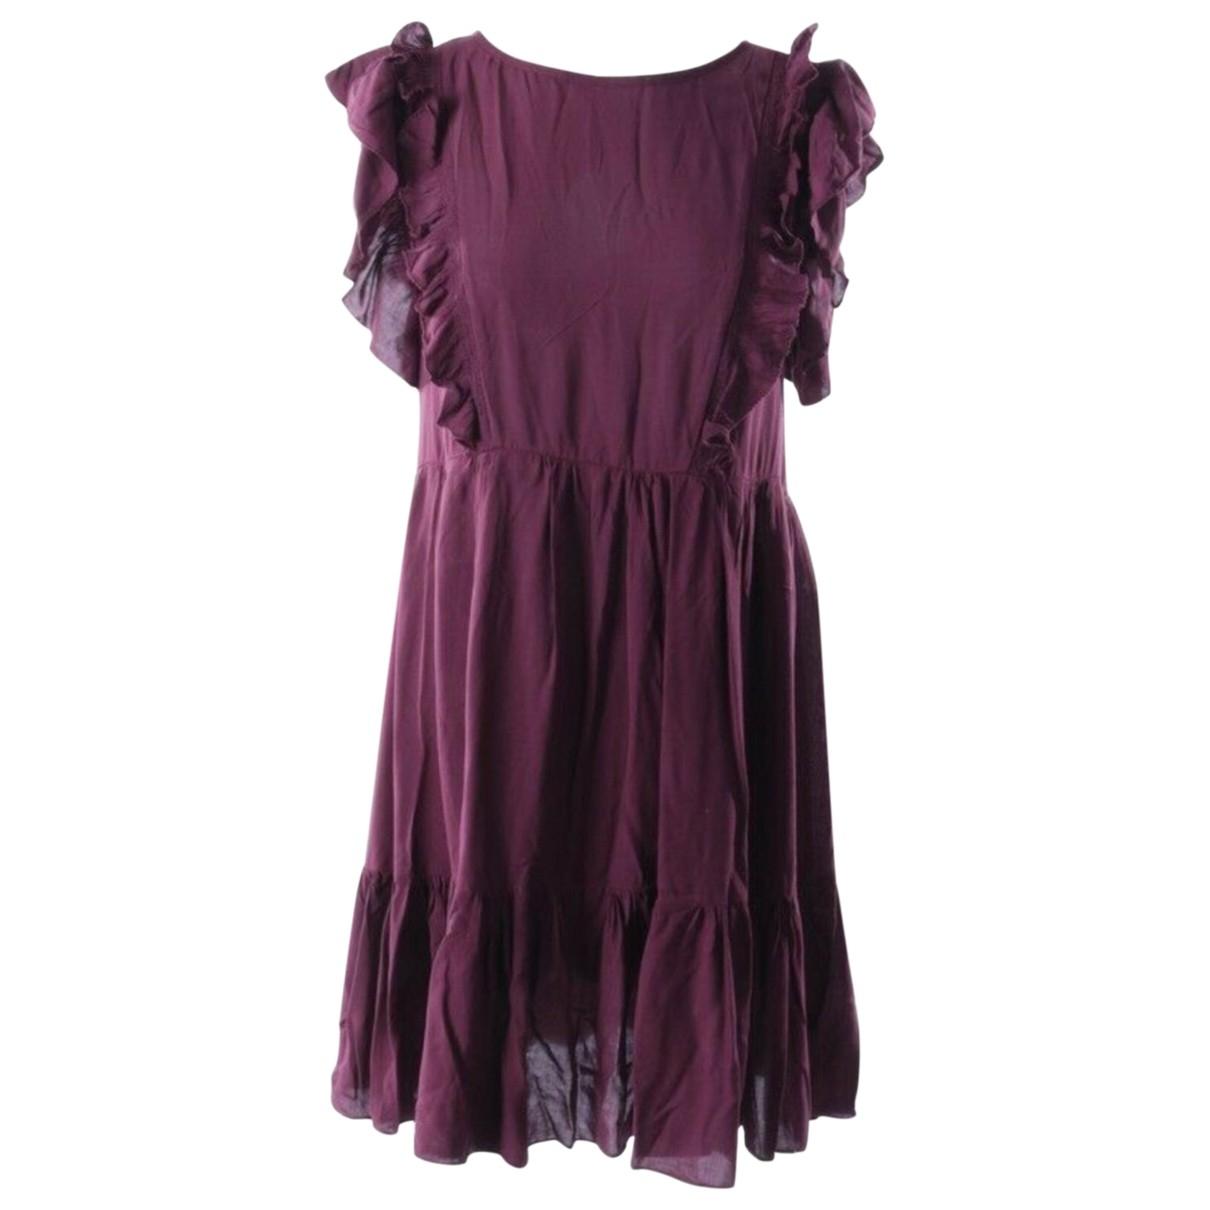 Zadig & Voltaire \N Kleid in Viskose